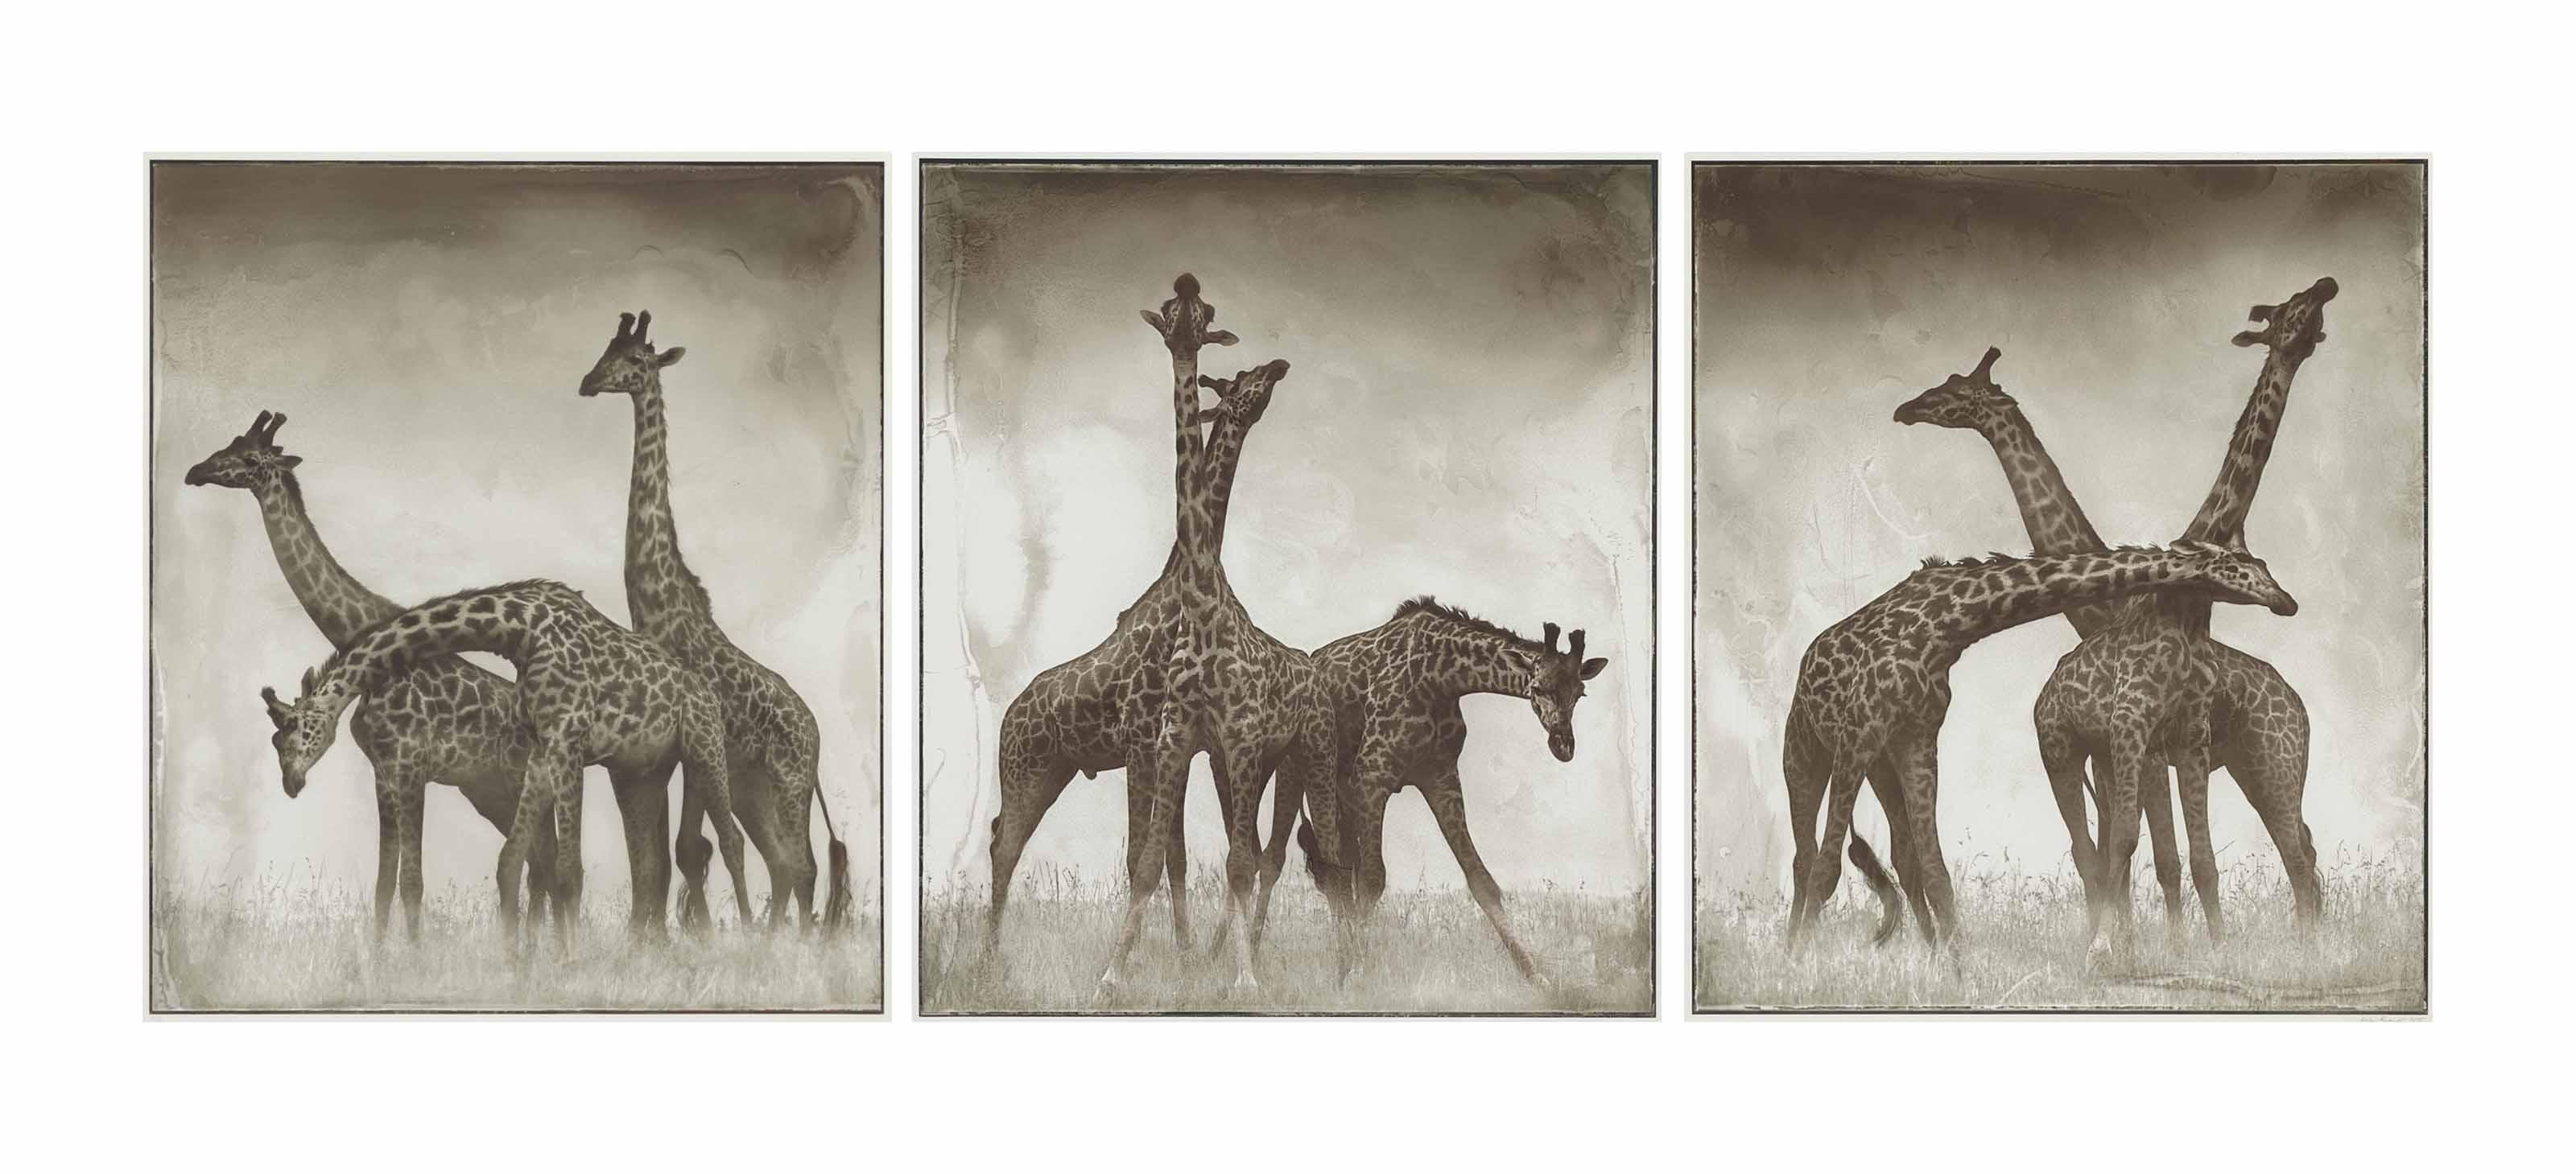 Giraffe Triptych, Maasai Mara, 2005